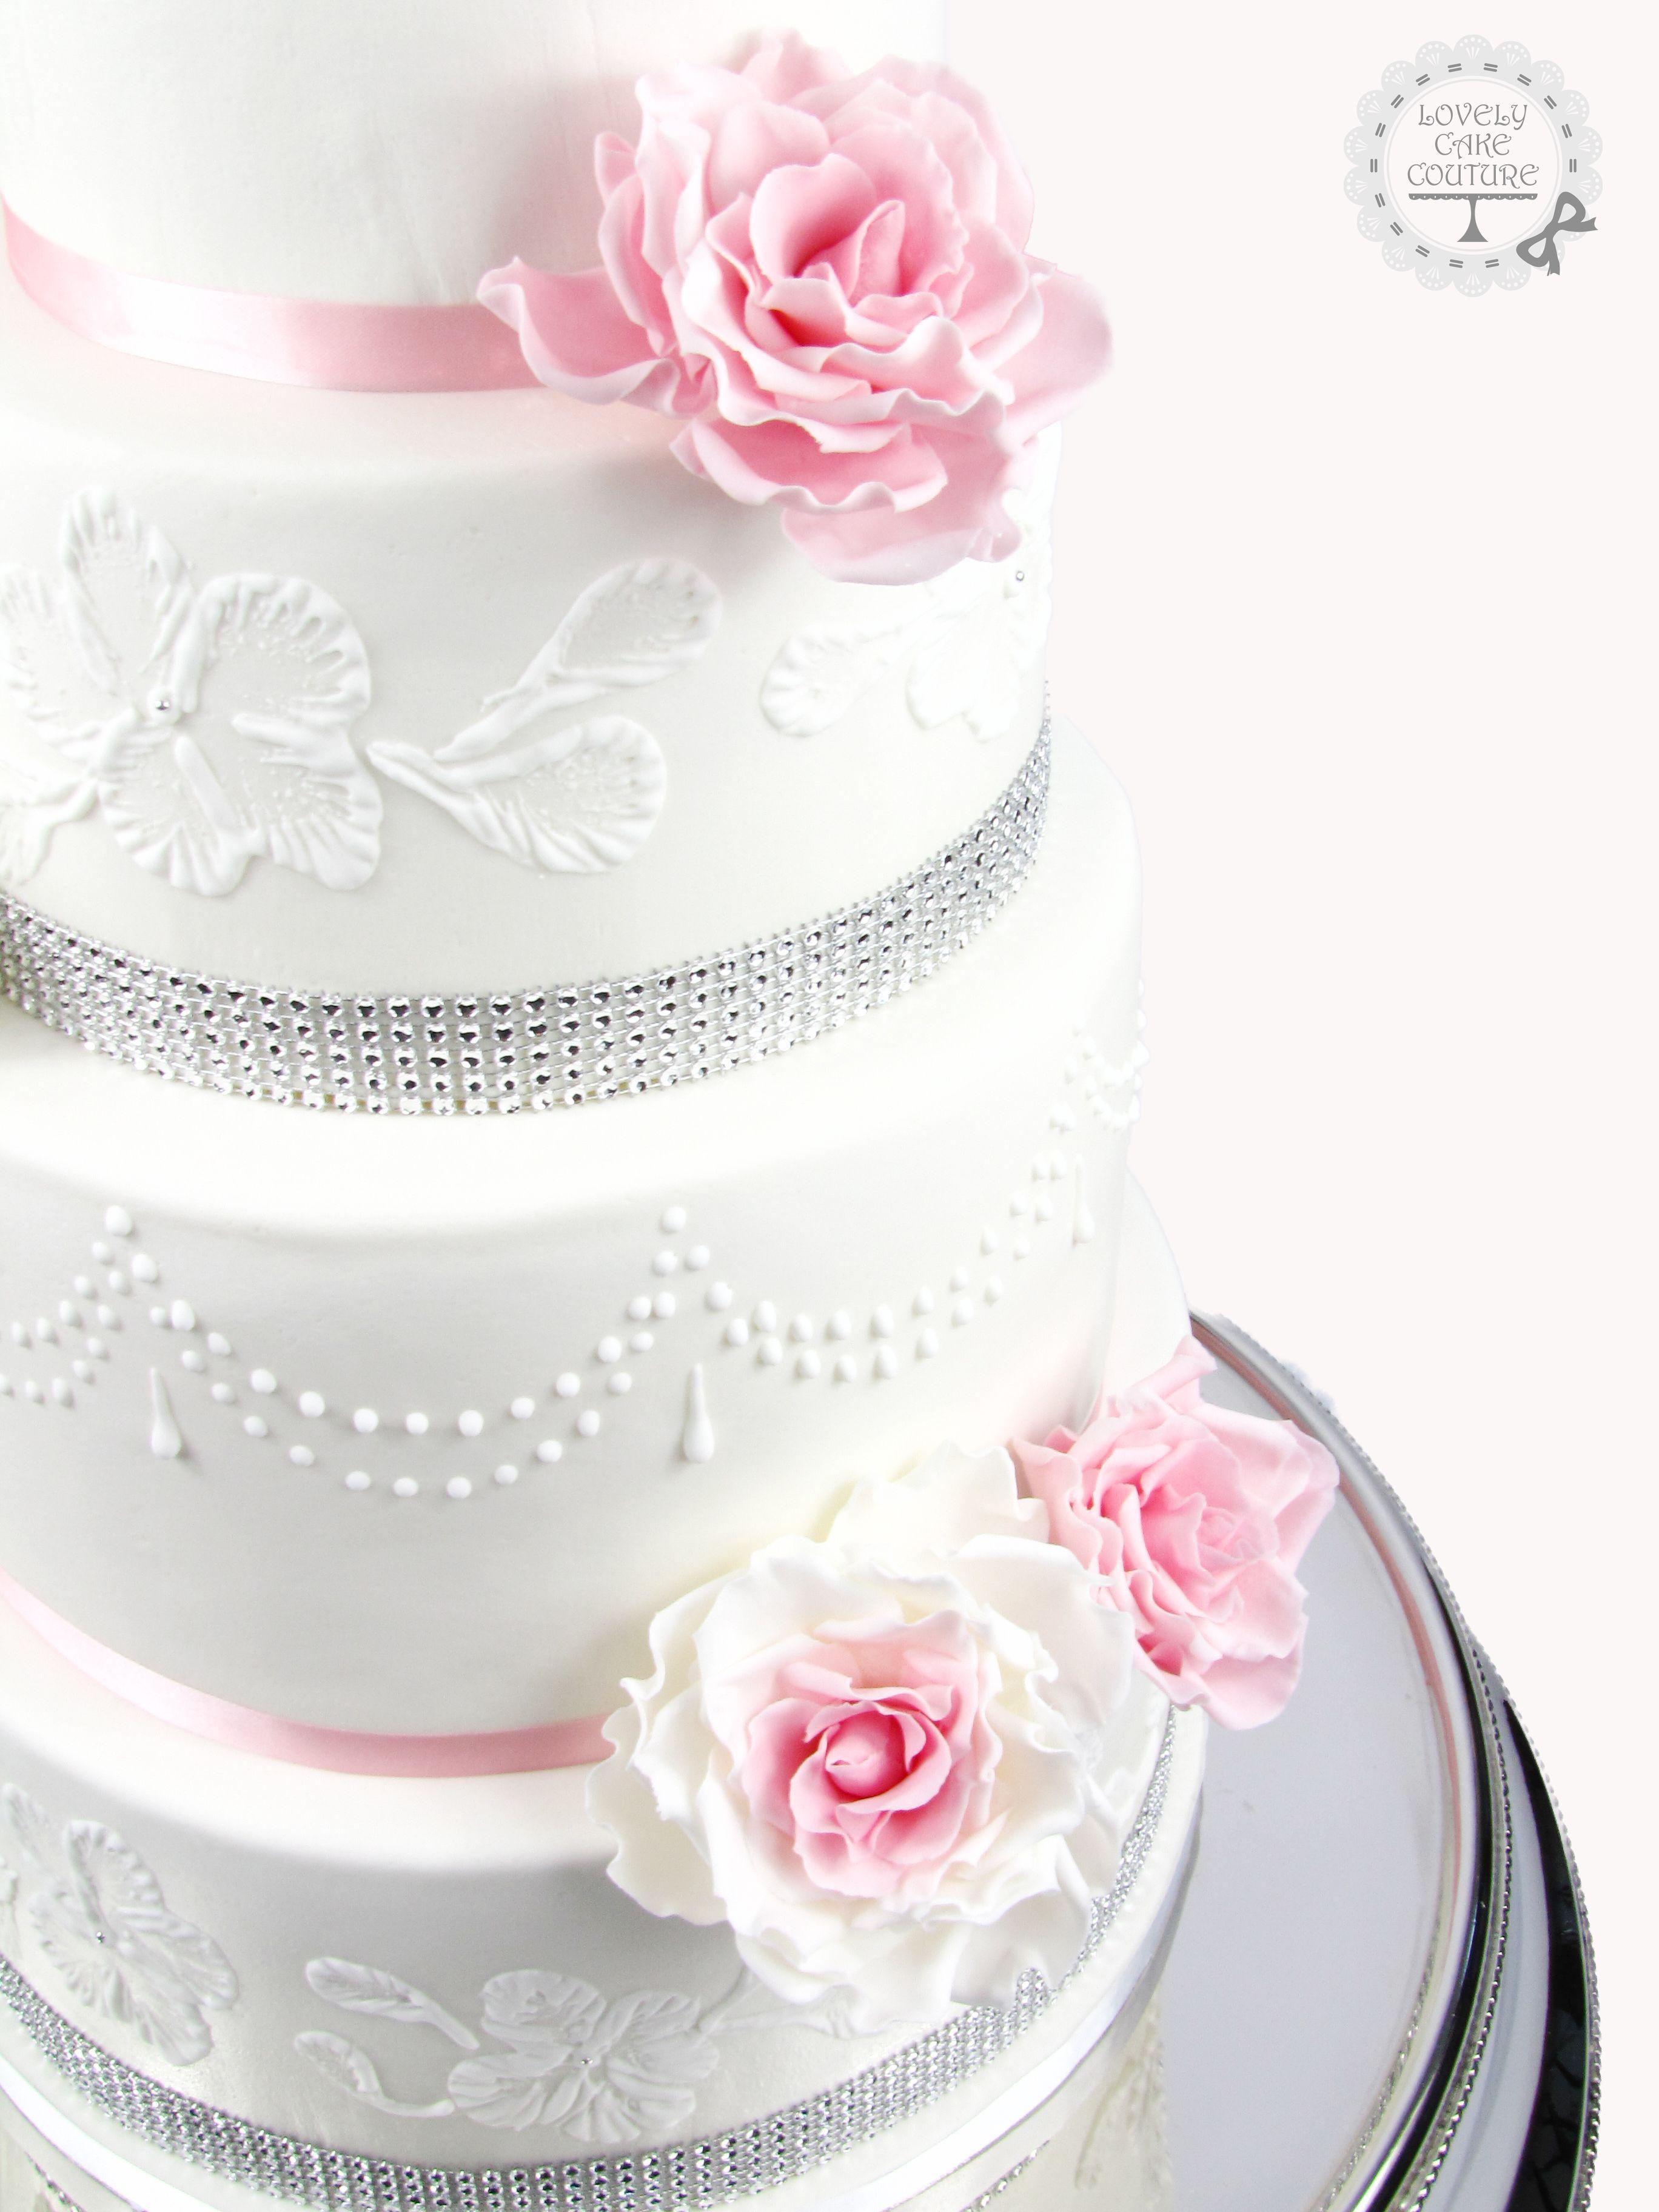 Hochzeitstorte Mit Rosen Aus Fondant Lovely Cake Couture